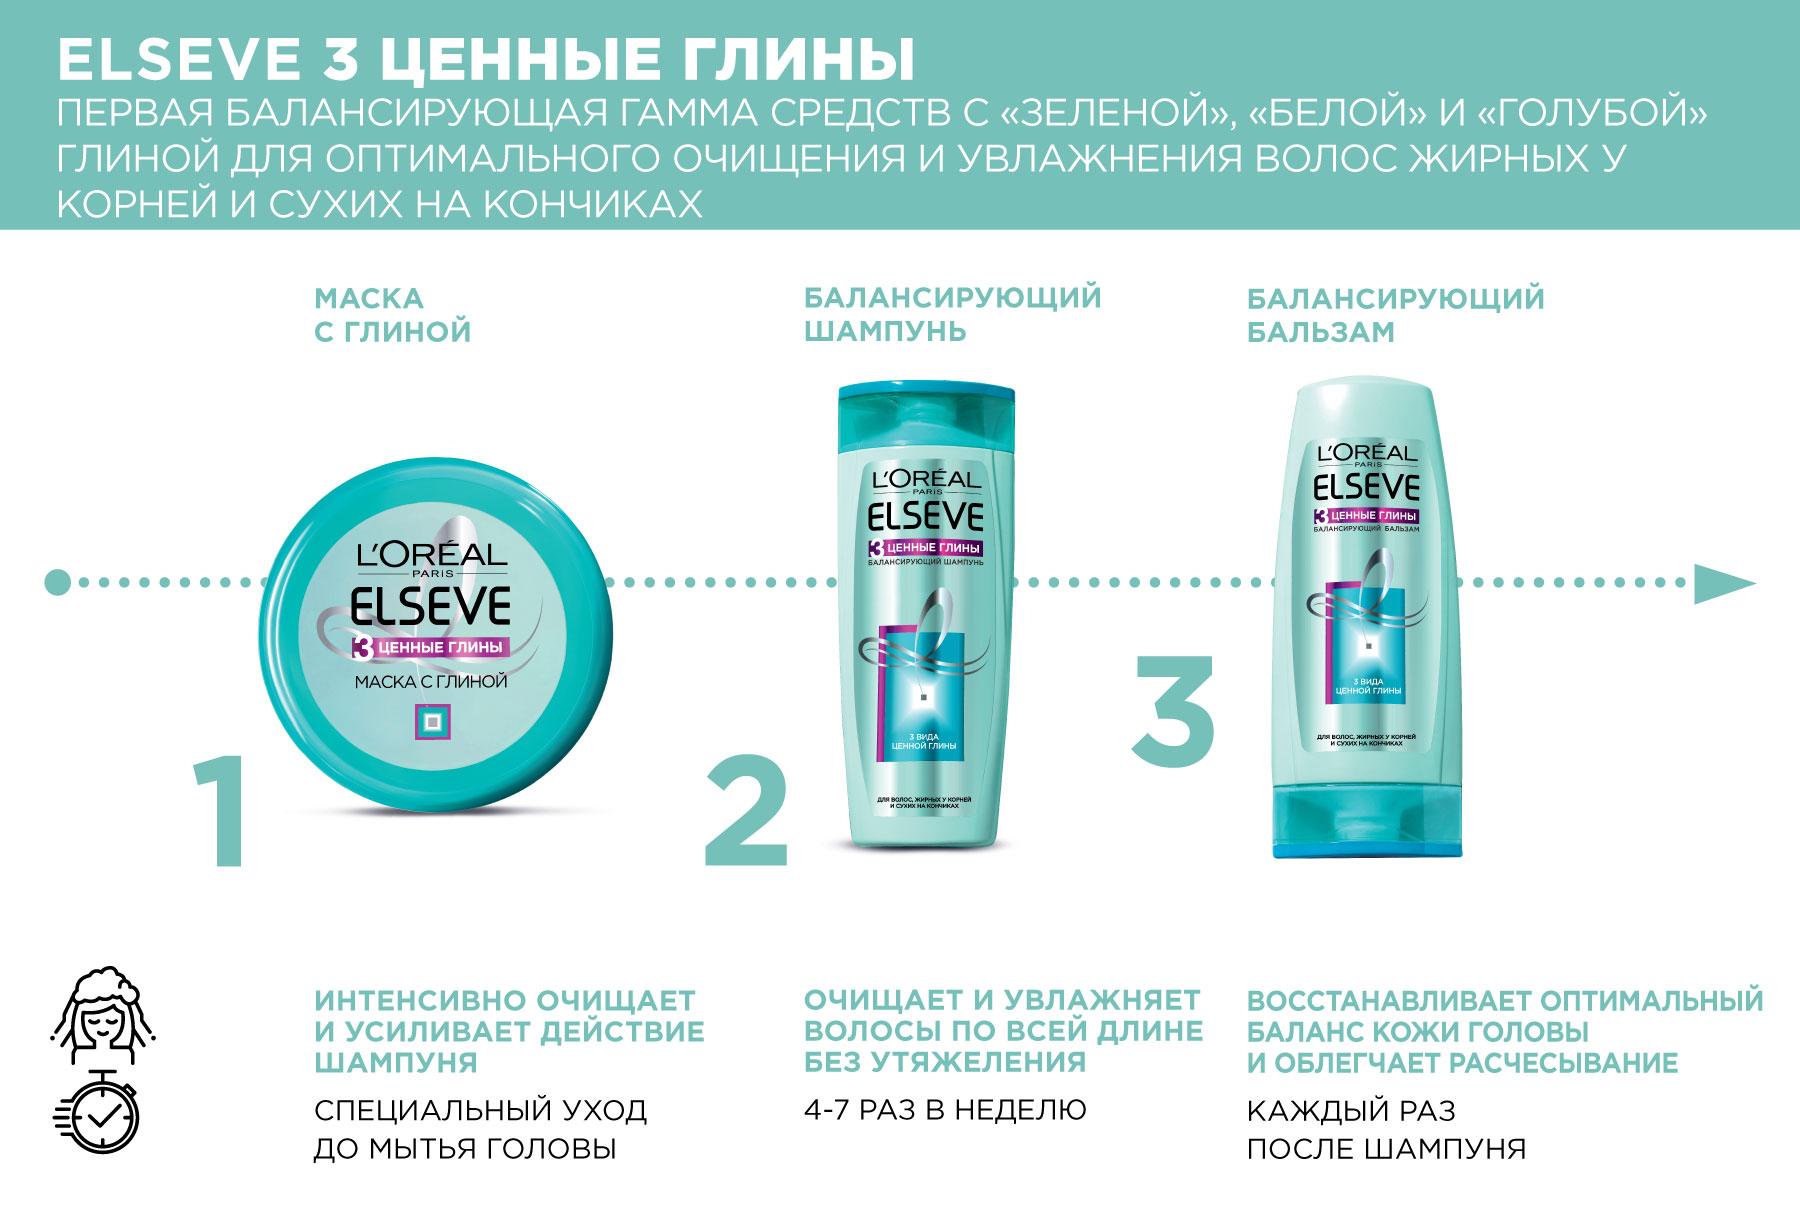 Миниатюра Бальзам для волос L`Oreal Paris Elseve 3 Ценные глины 200мл №7